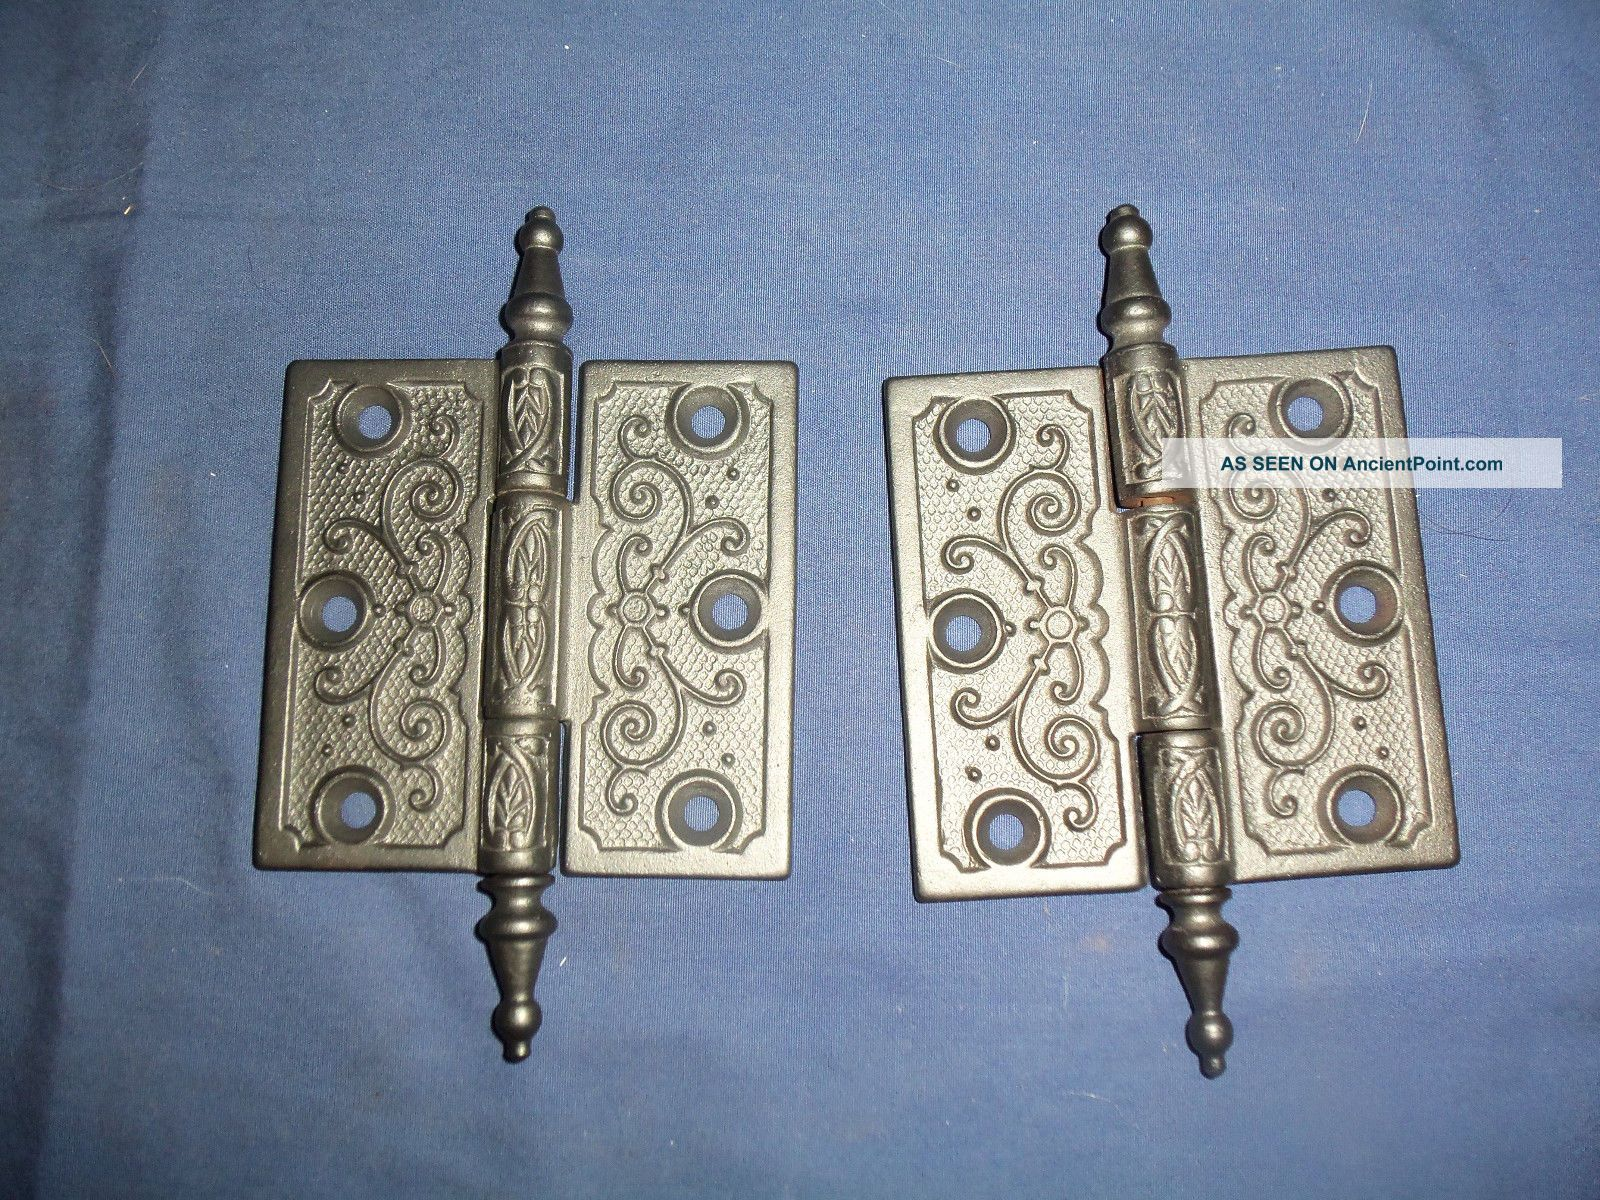 2 antique door hinges 3 1